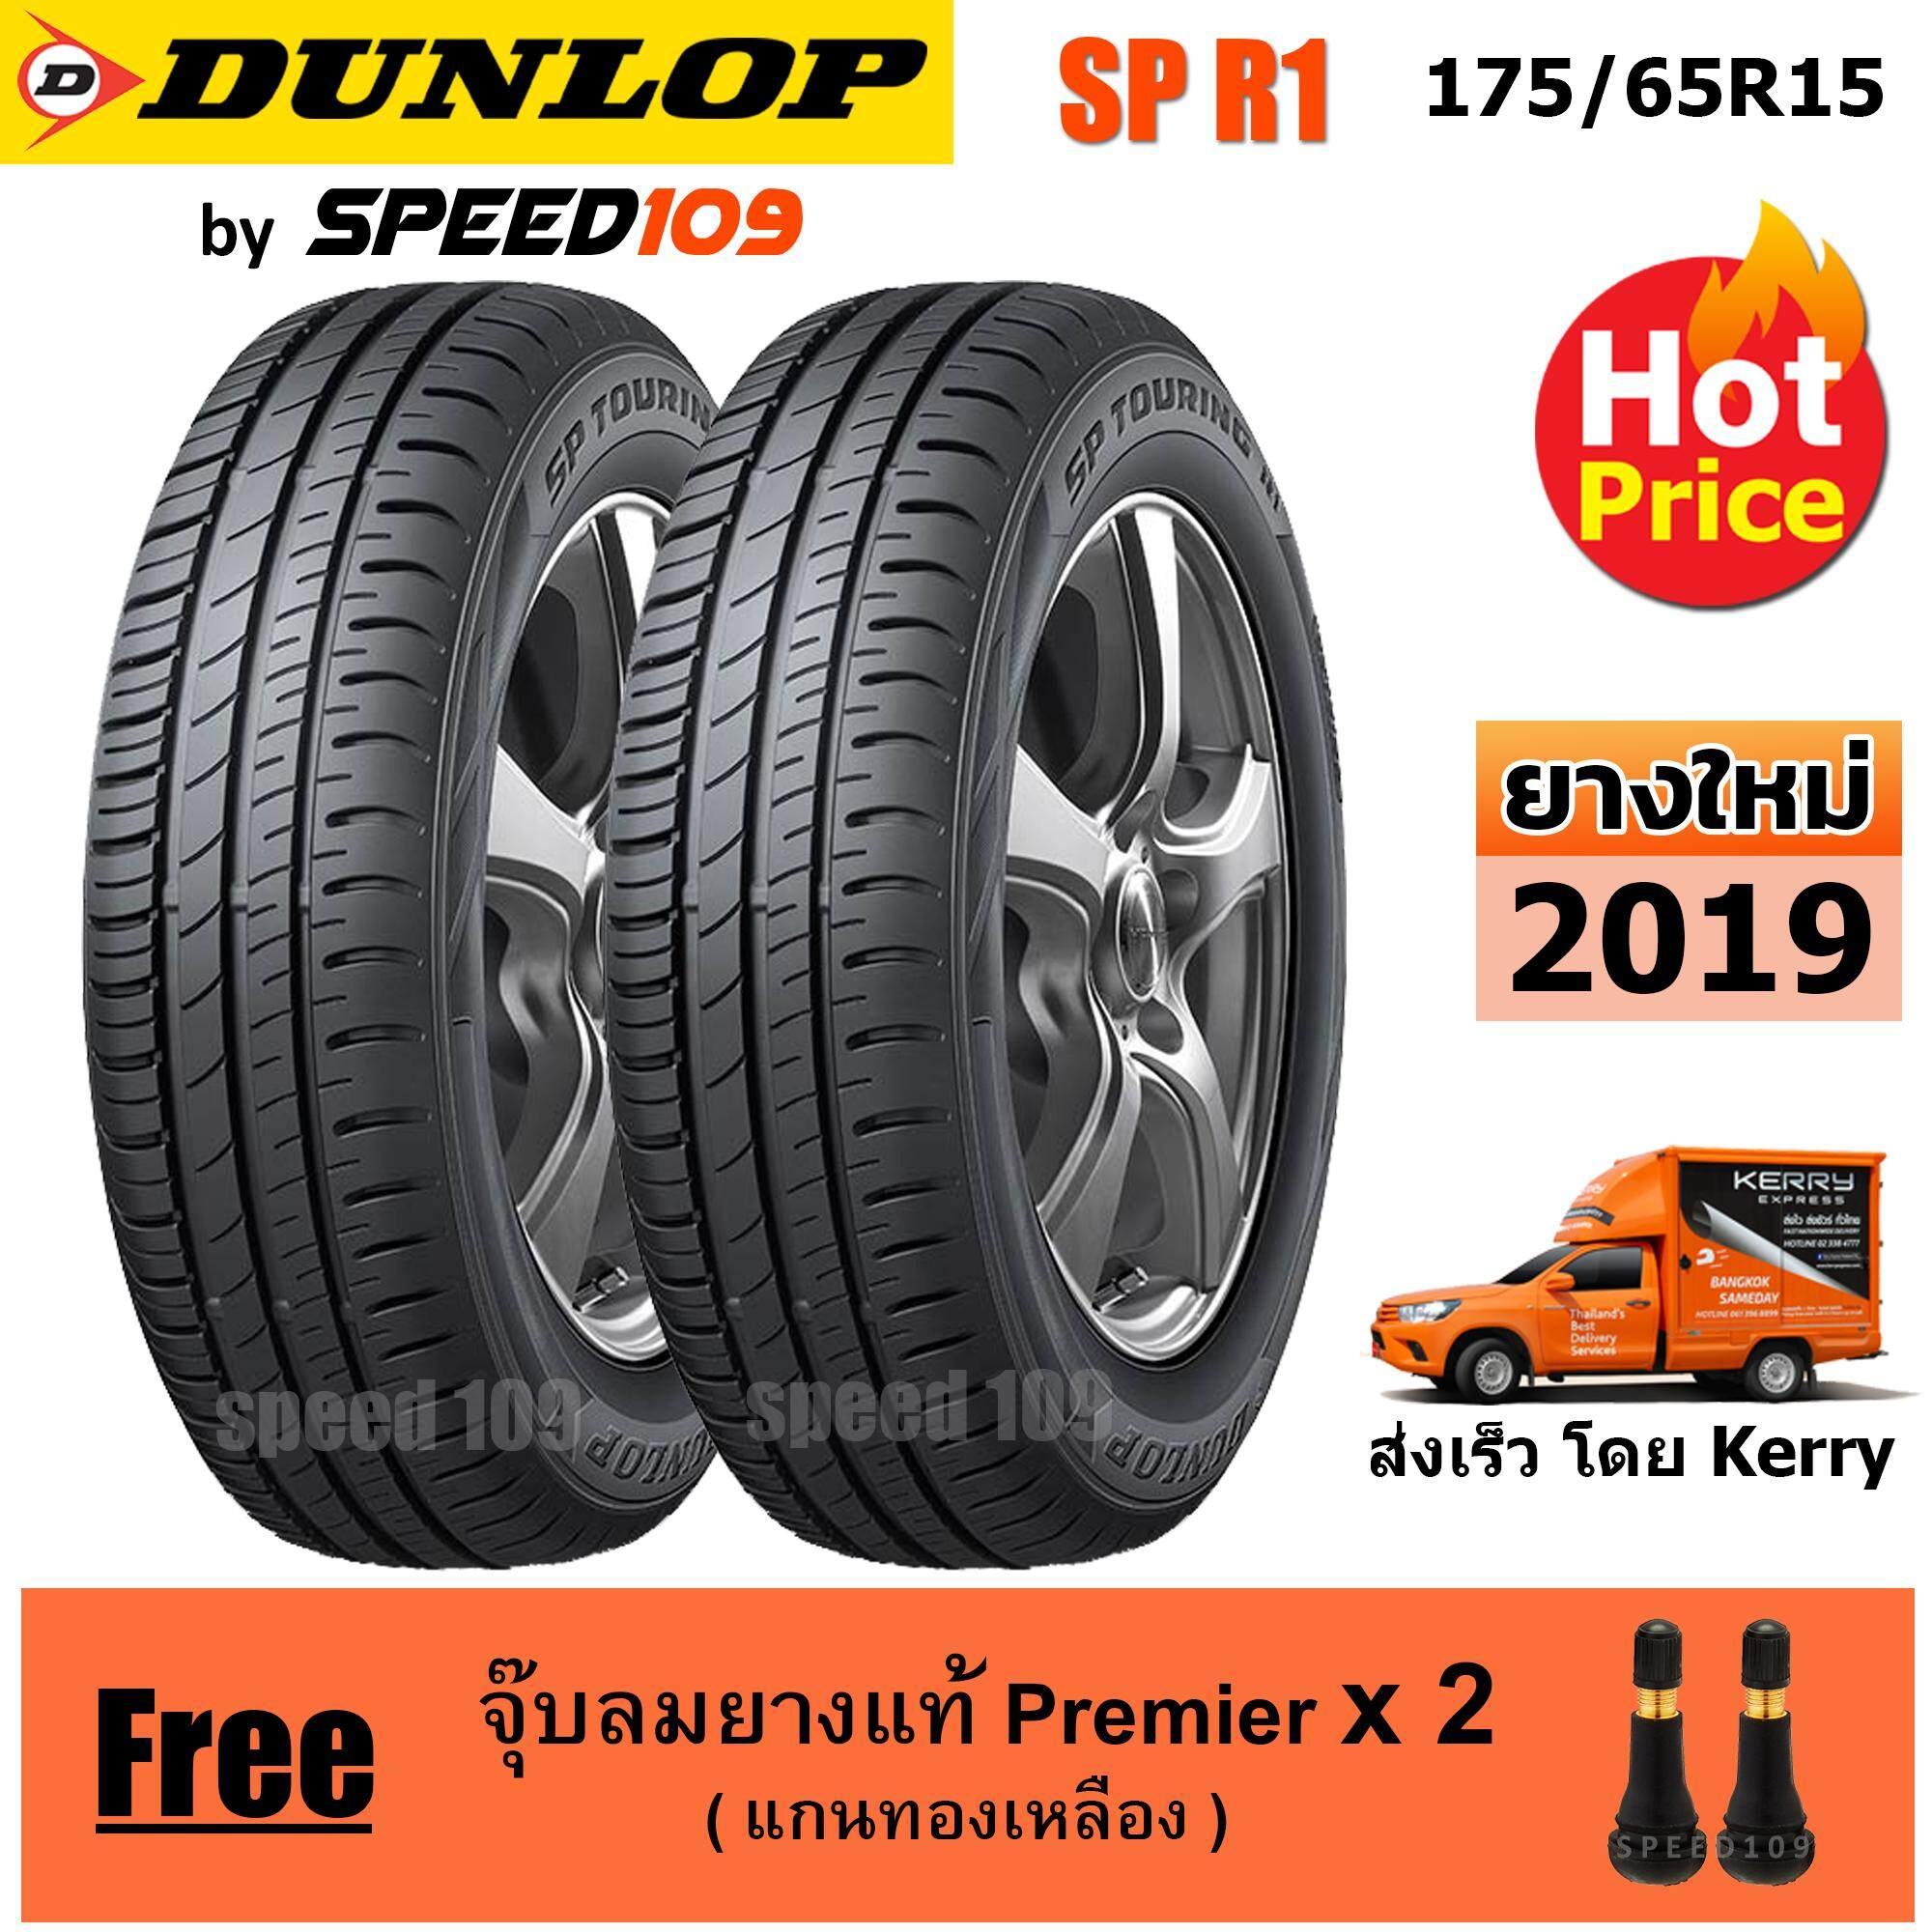 ประกันภัย รถยนต์ แบบ ผ่อน ได้ ตราด DUNLOP ยางรถยนต์ ขอบ 15 ขนาด 175/65R15 รุ่น SP TOURING R1 - 2 เส้น (ปี 2019)